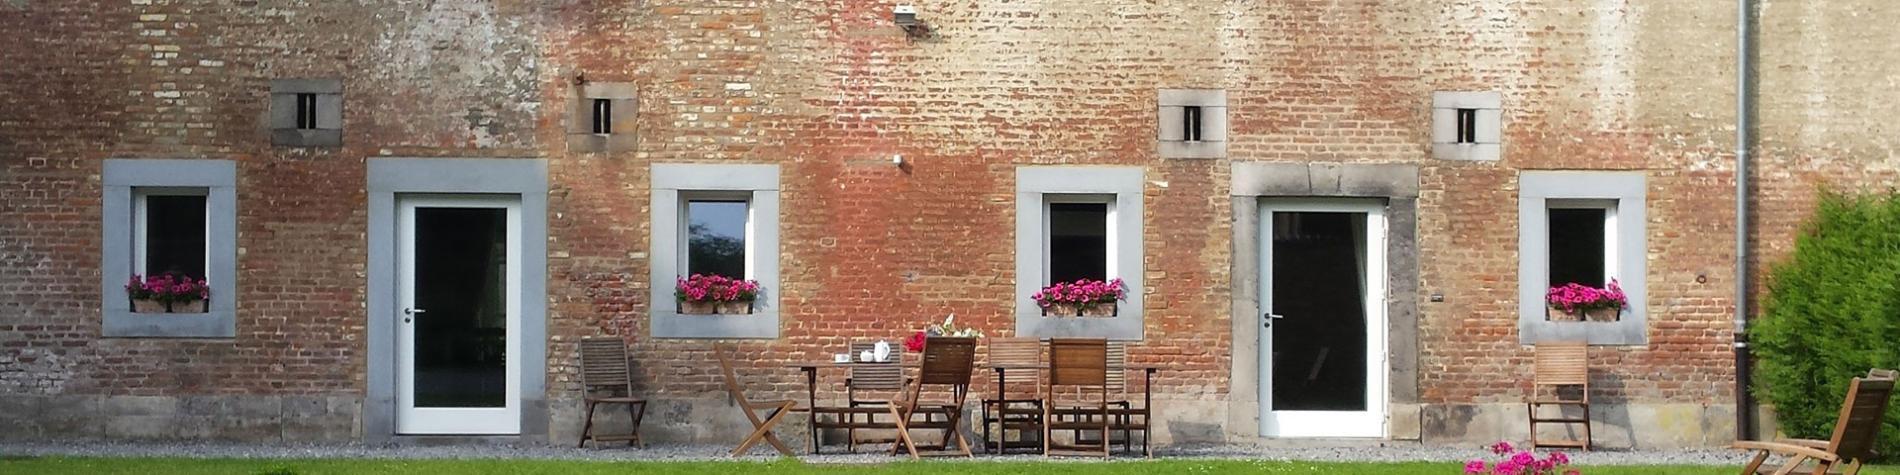 Gîte rural - Le Tulipier de l'Empereur - Waremme - 10 à 11 personnes - 4 chambres